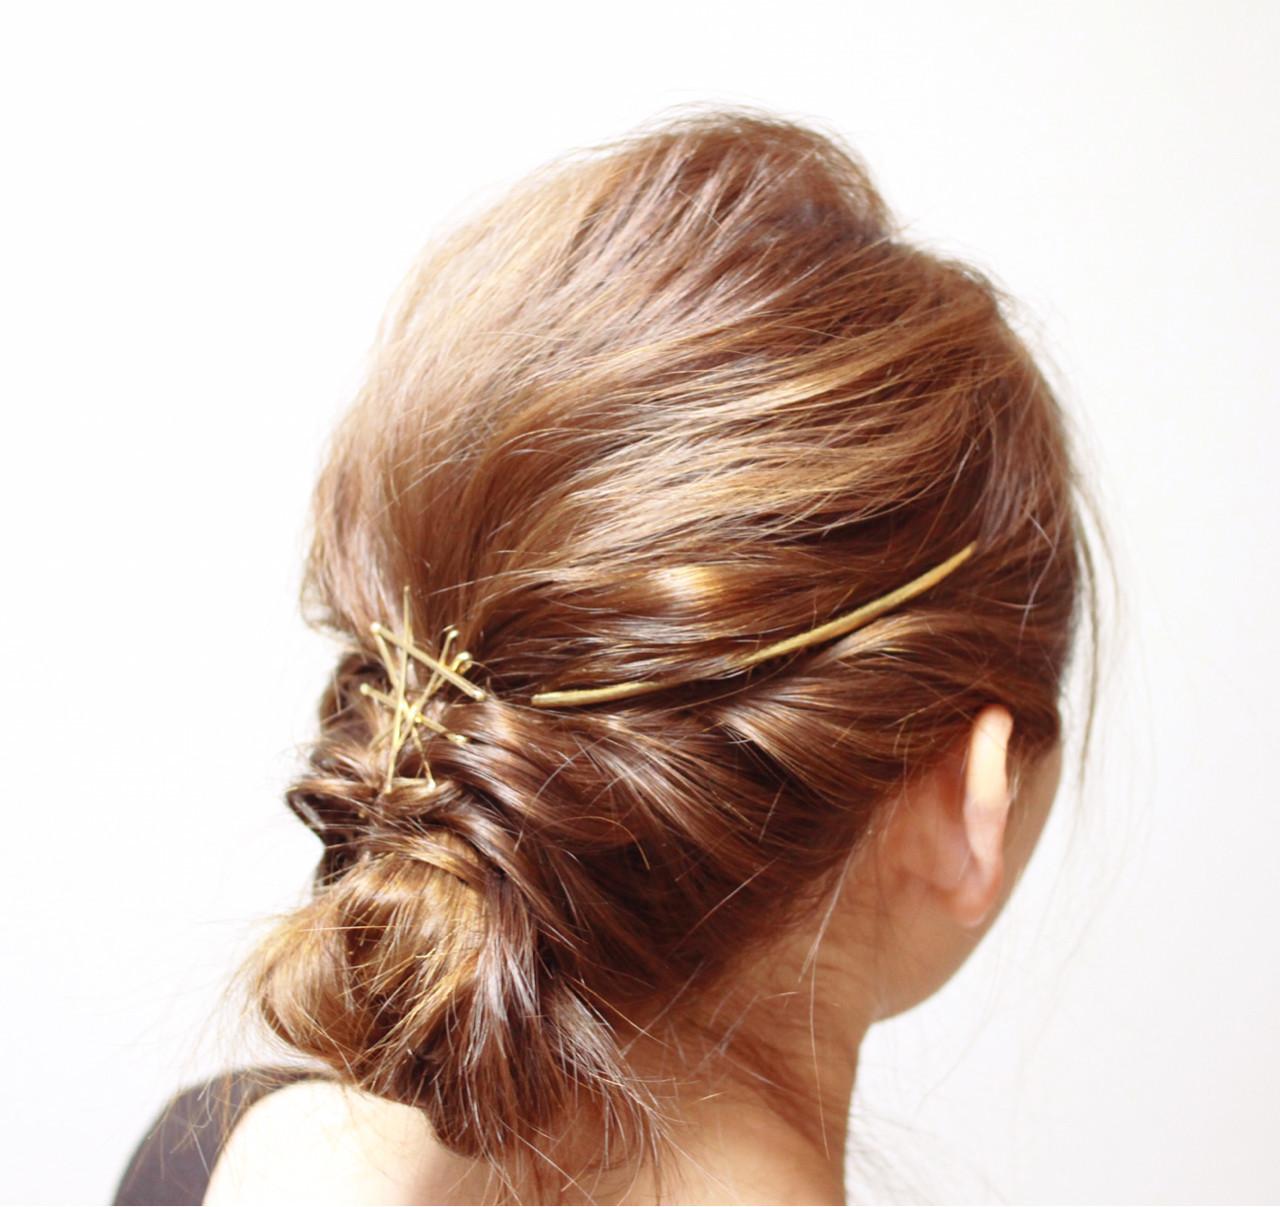 セミロング 外国人風 大人かわいい ロープ編み ヘアスタイルや髪型の写真・画像